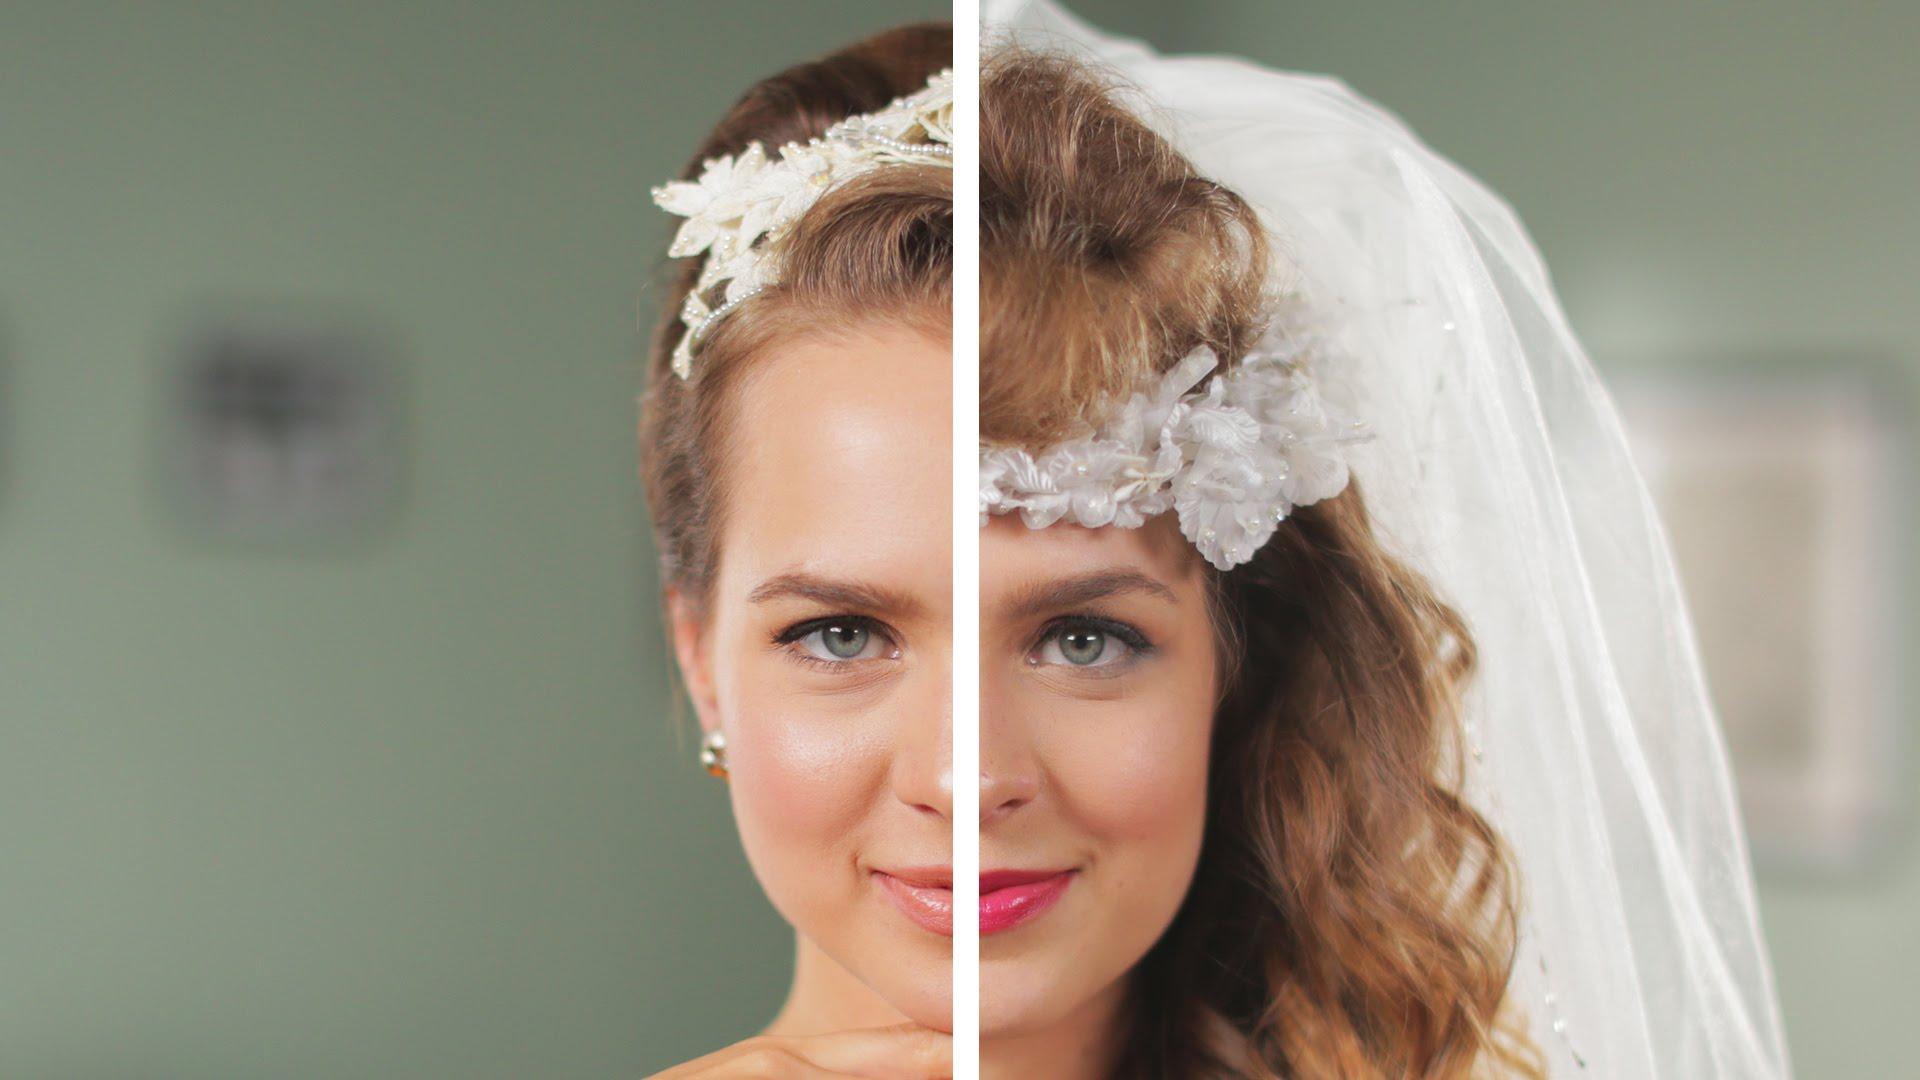 svadebnye-pricheski-ot-a-do-ya Свадебные прически от А до Я+ бонус-300 идей